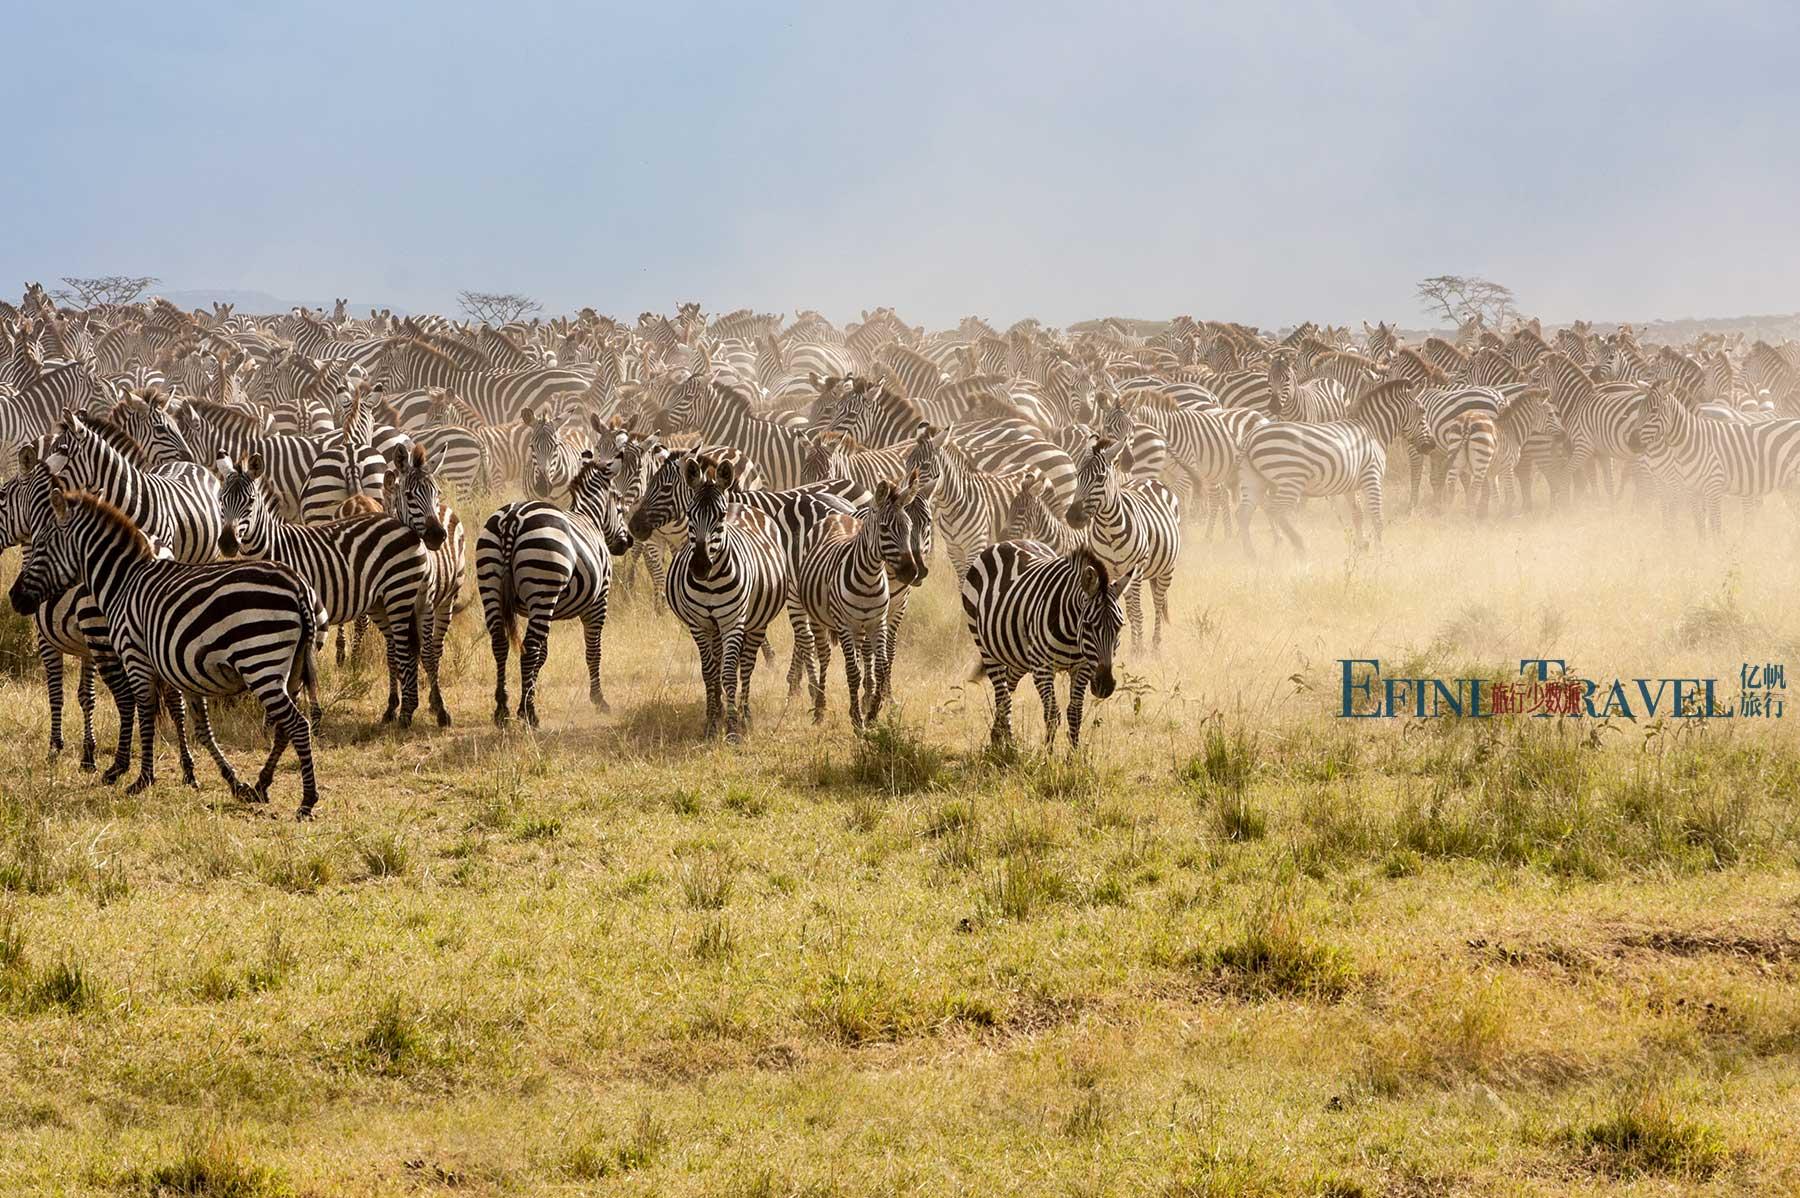 塞伦盖蒂草原上的斑马群